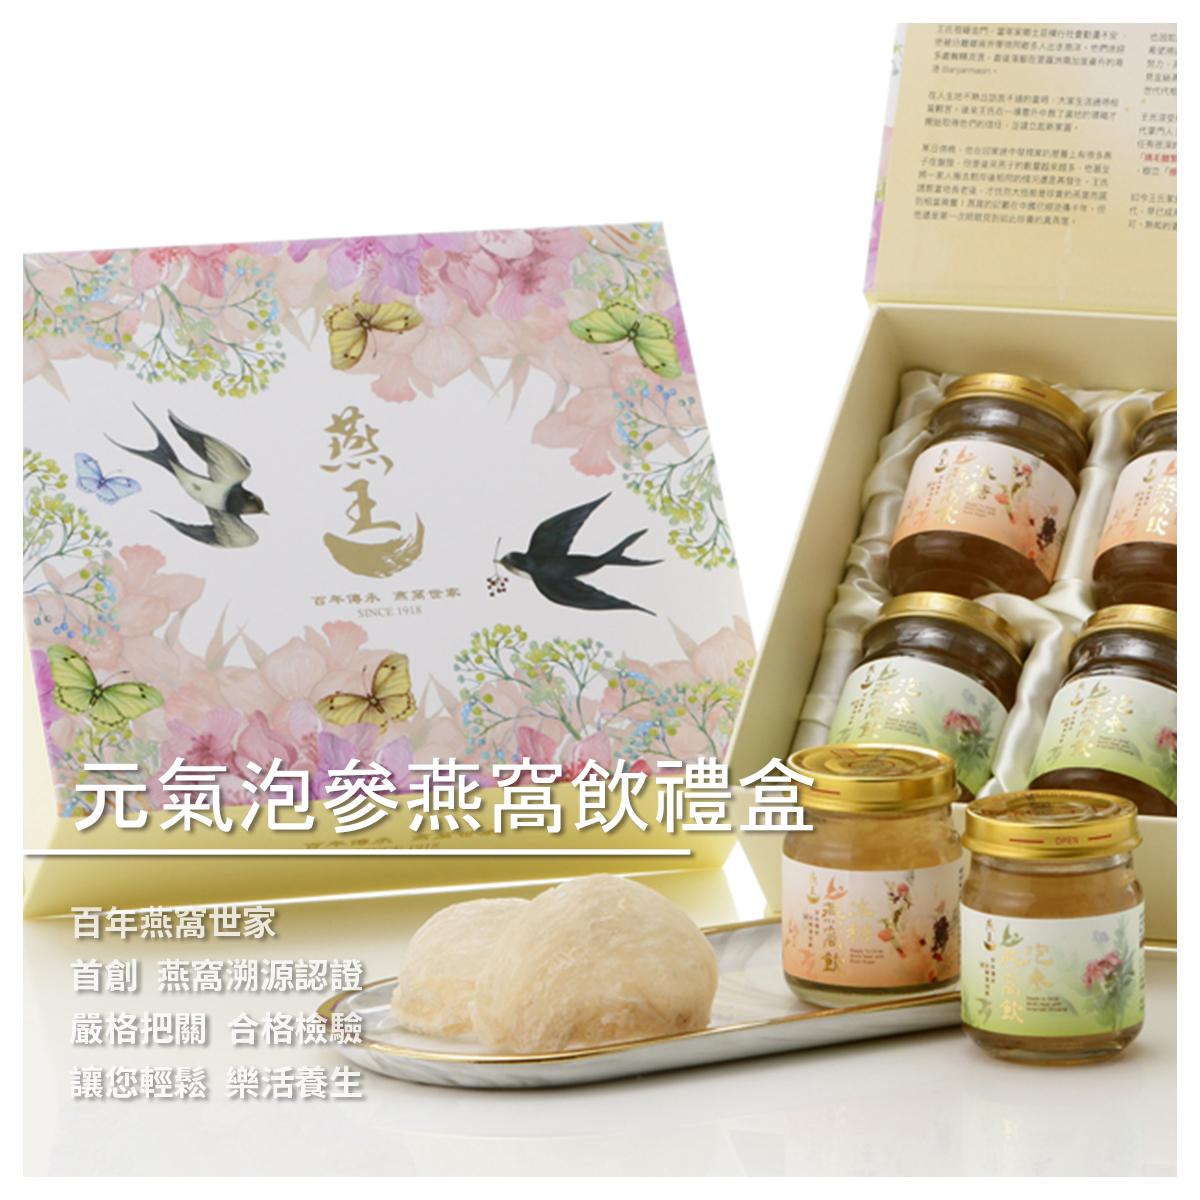 【燕王百年燕窩】元氣泡參燕窩飲禮盒/6瓶入